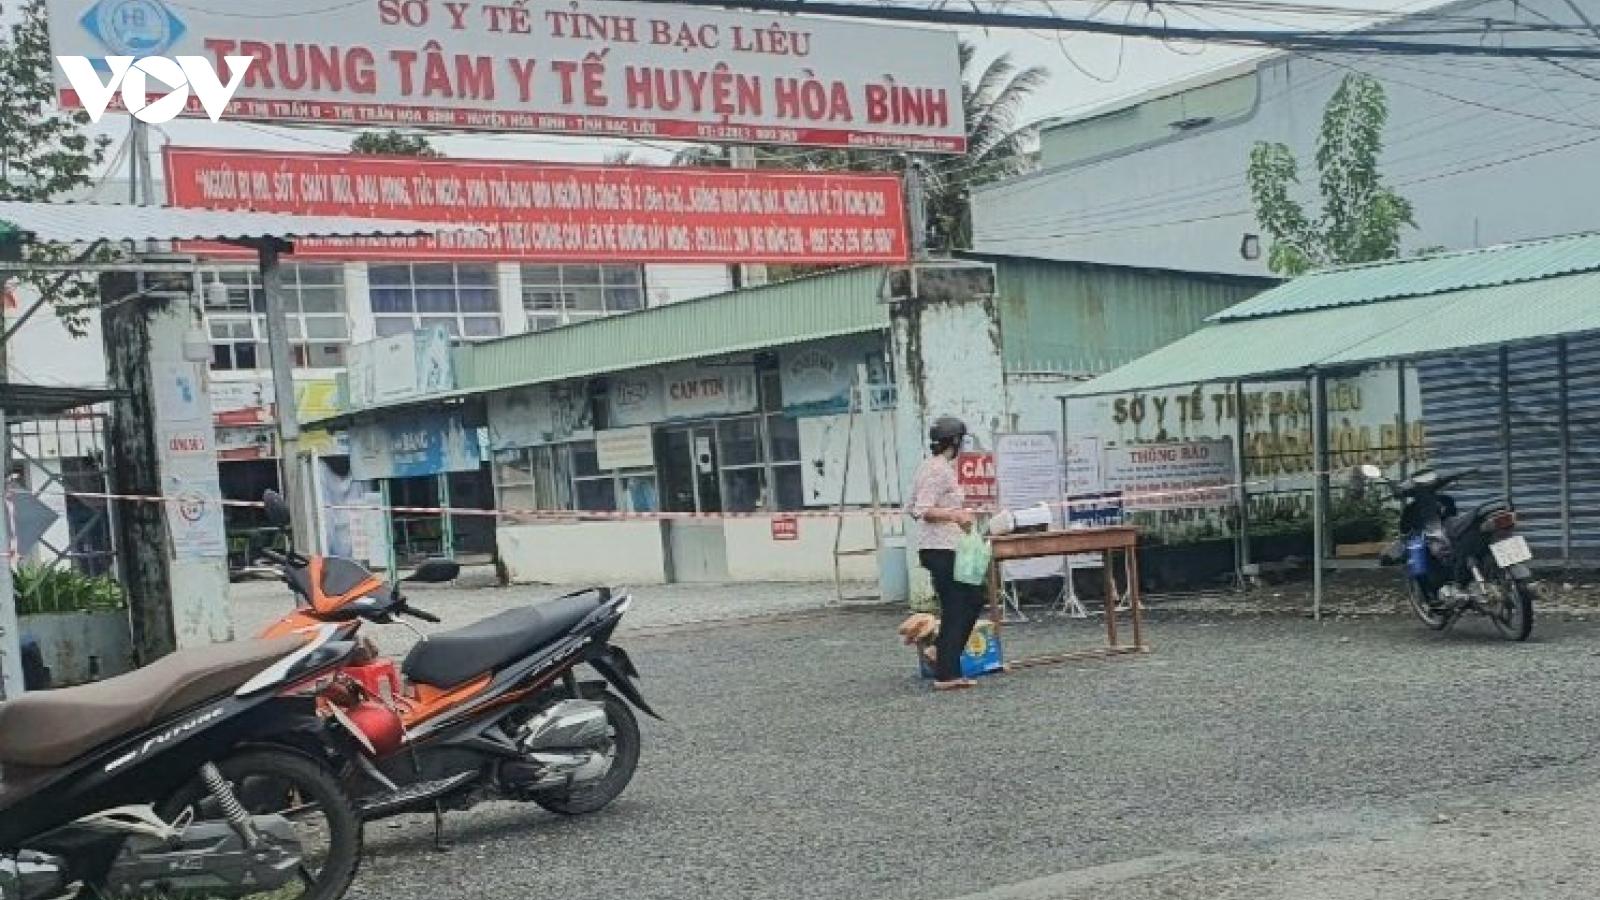 Bạc Liêu phong tỏa, thiết lập vùng cách ly y tế tại Trung tâm Y tế huyện Hòa Bình